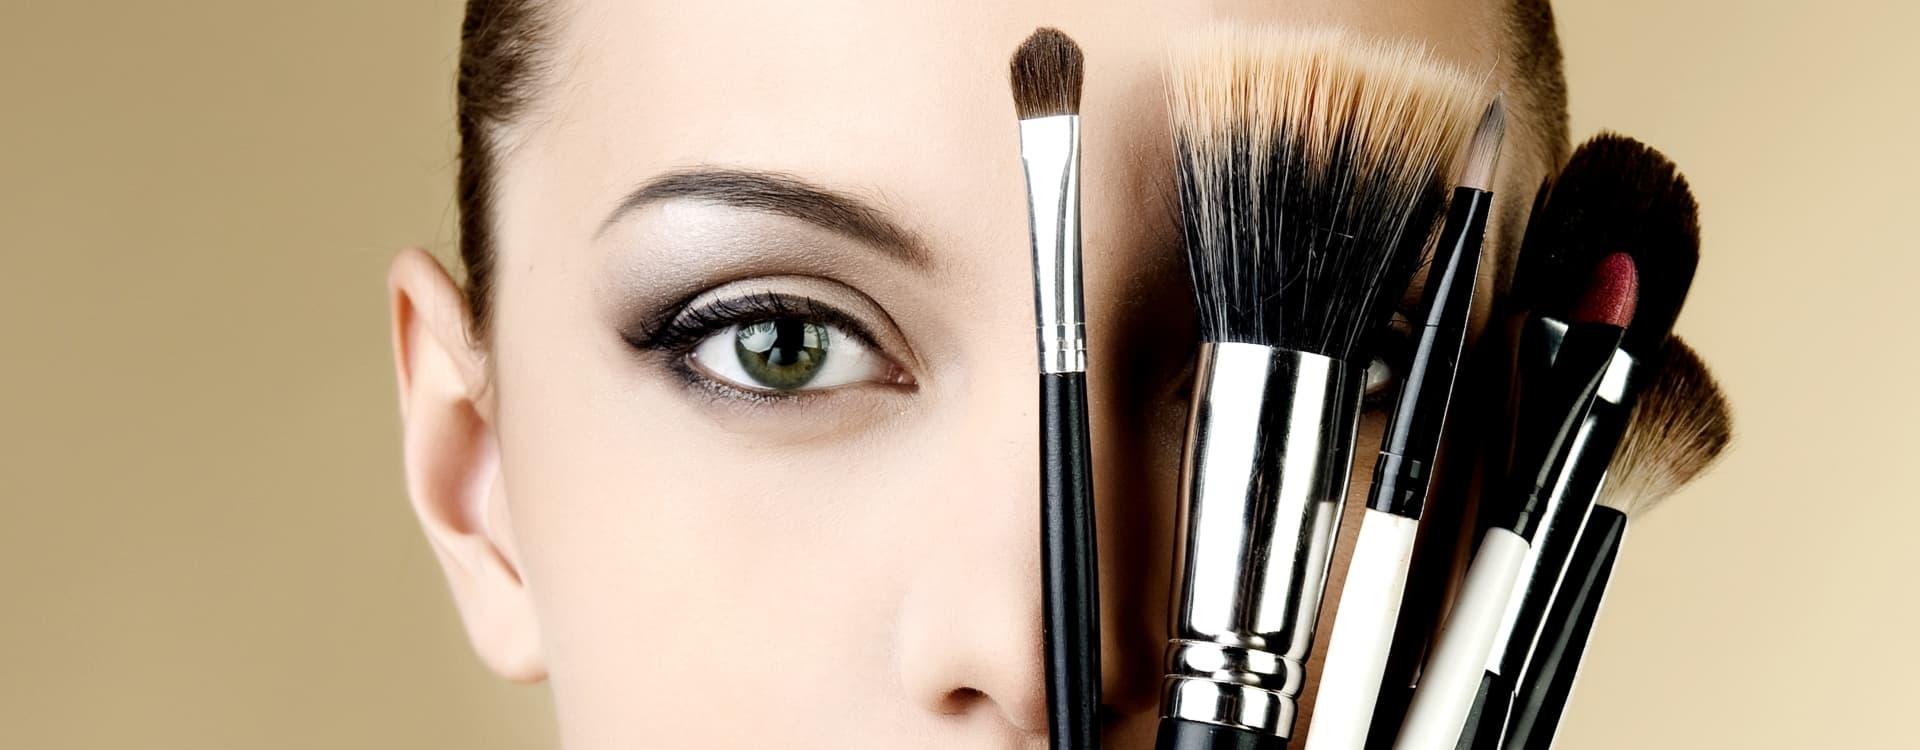 Des conseils maquillage pour valoriser le visage des femmes